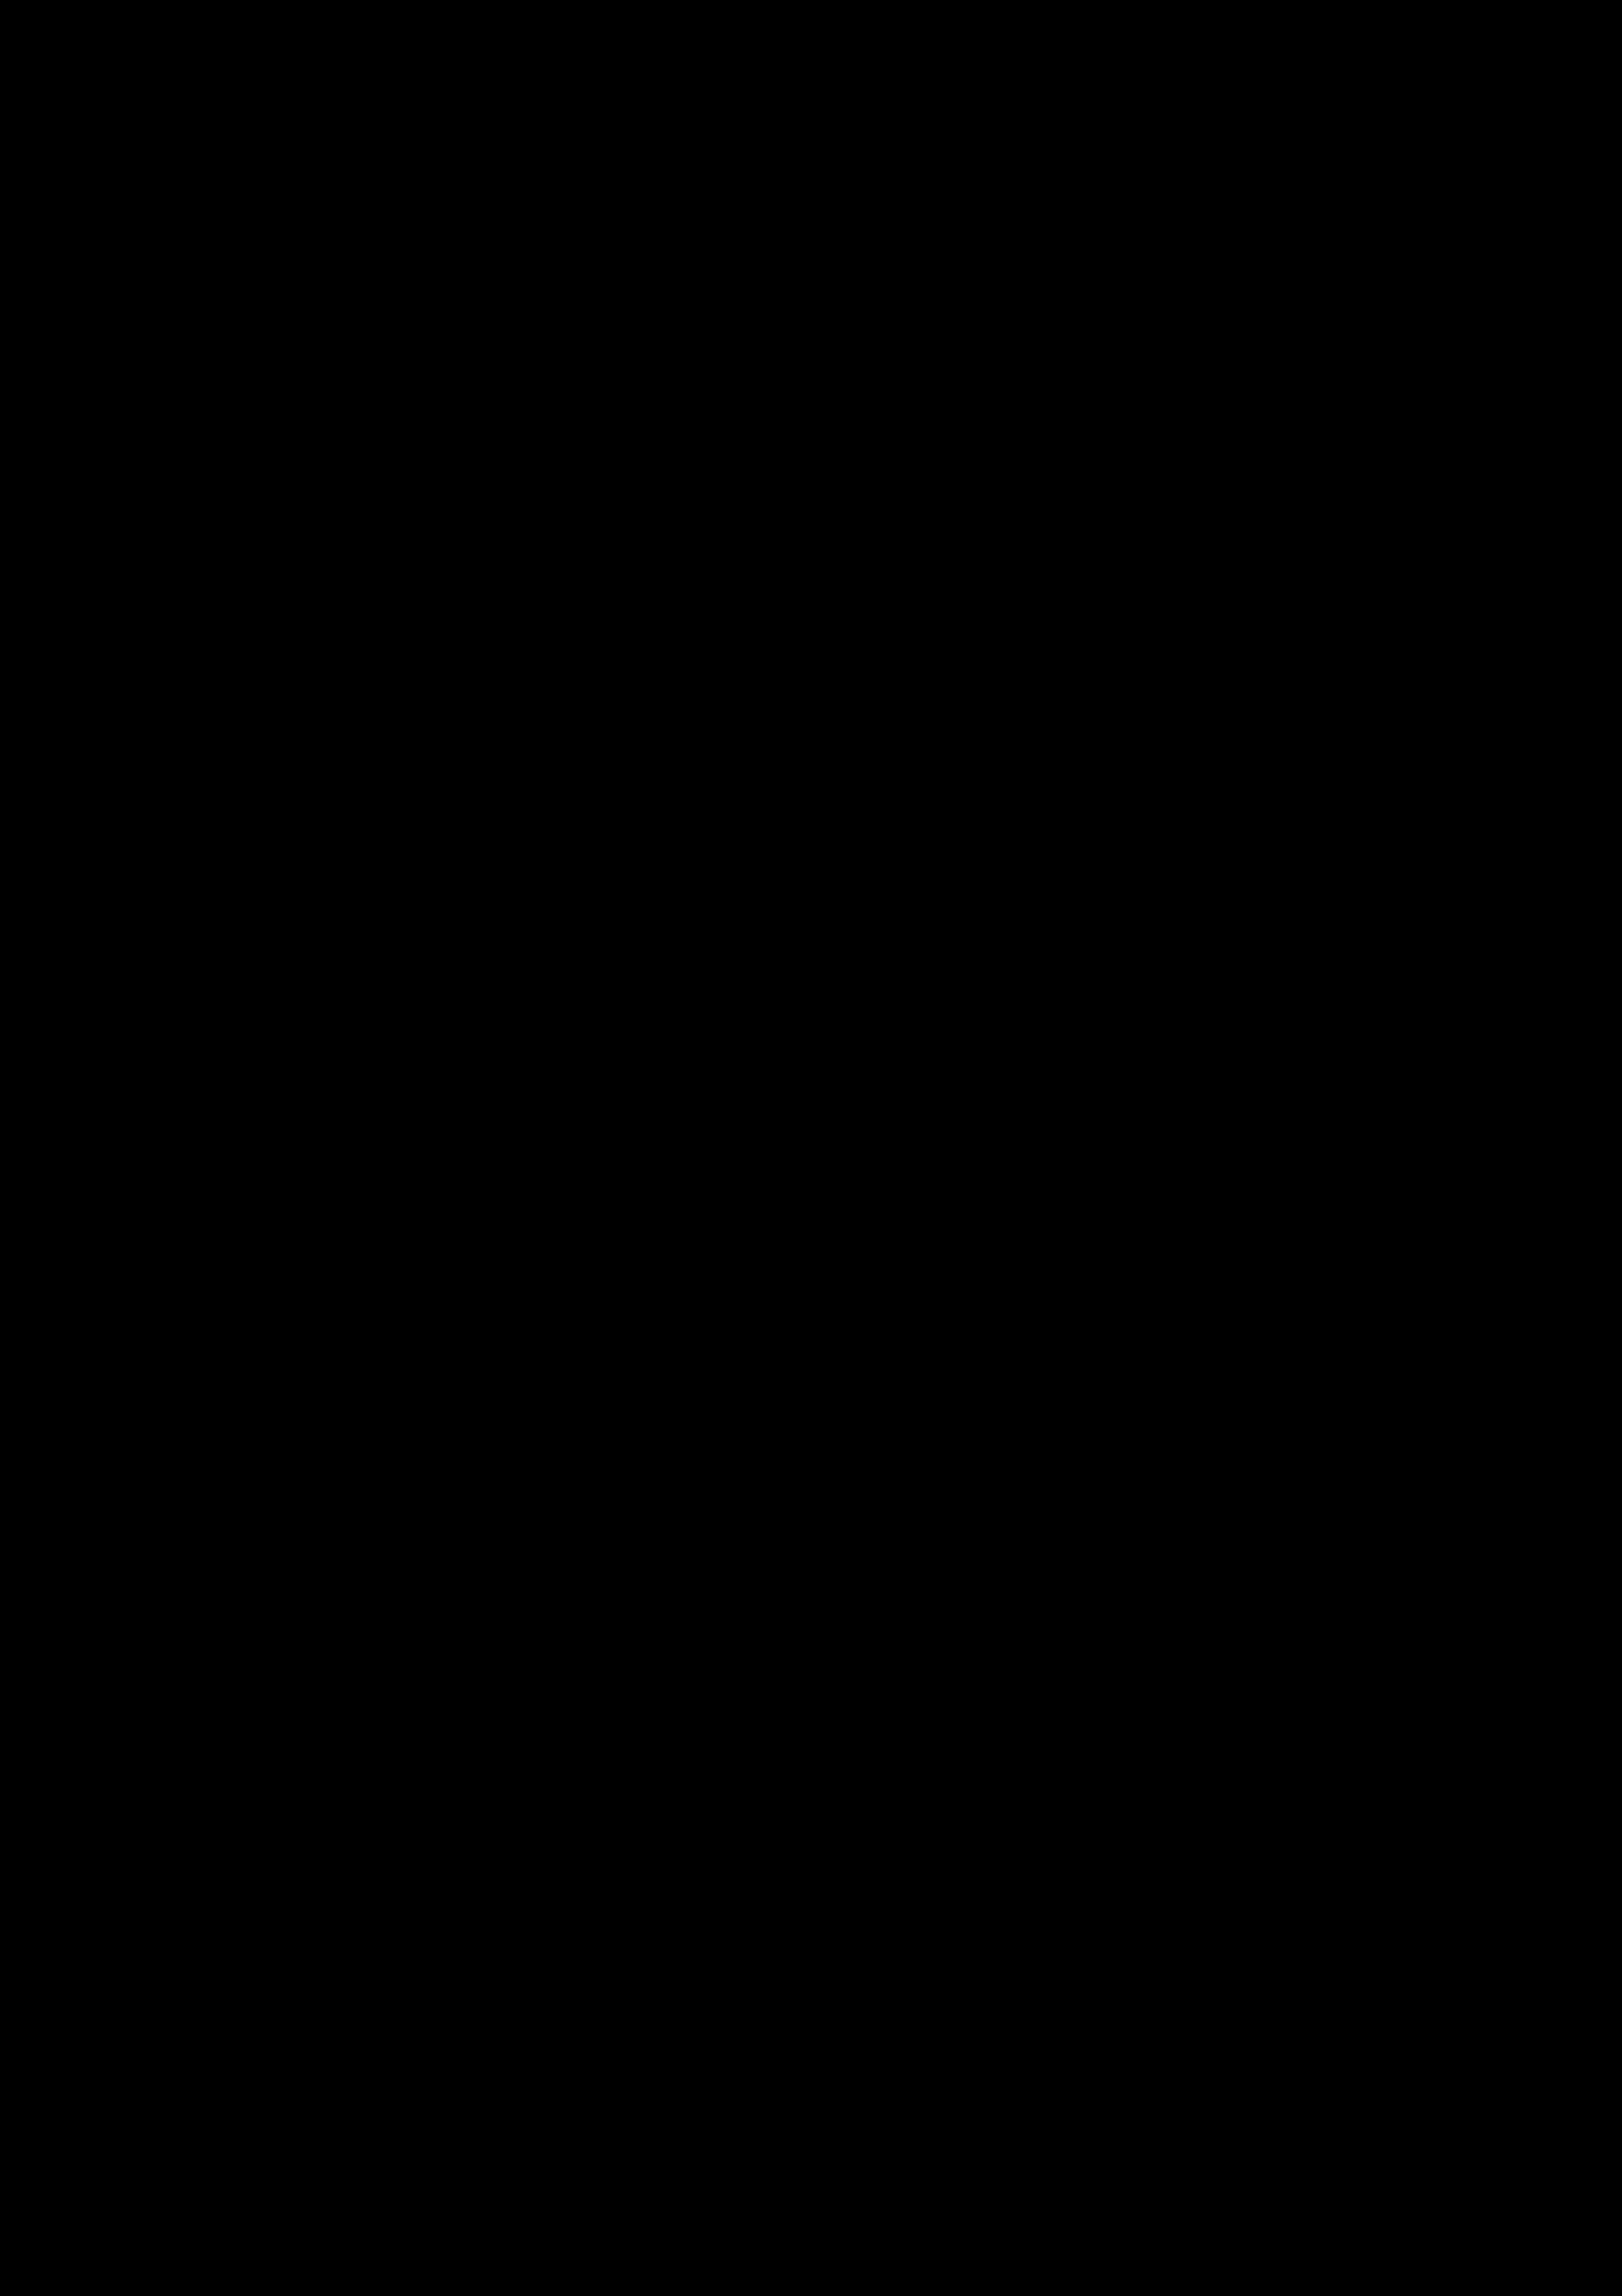 FEUM 21 – FESTIVAL UMENIA 2021